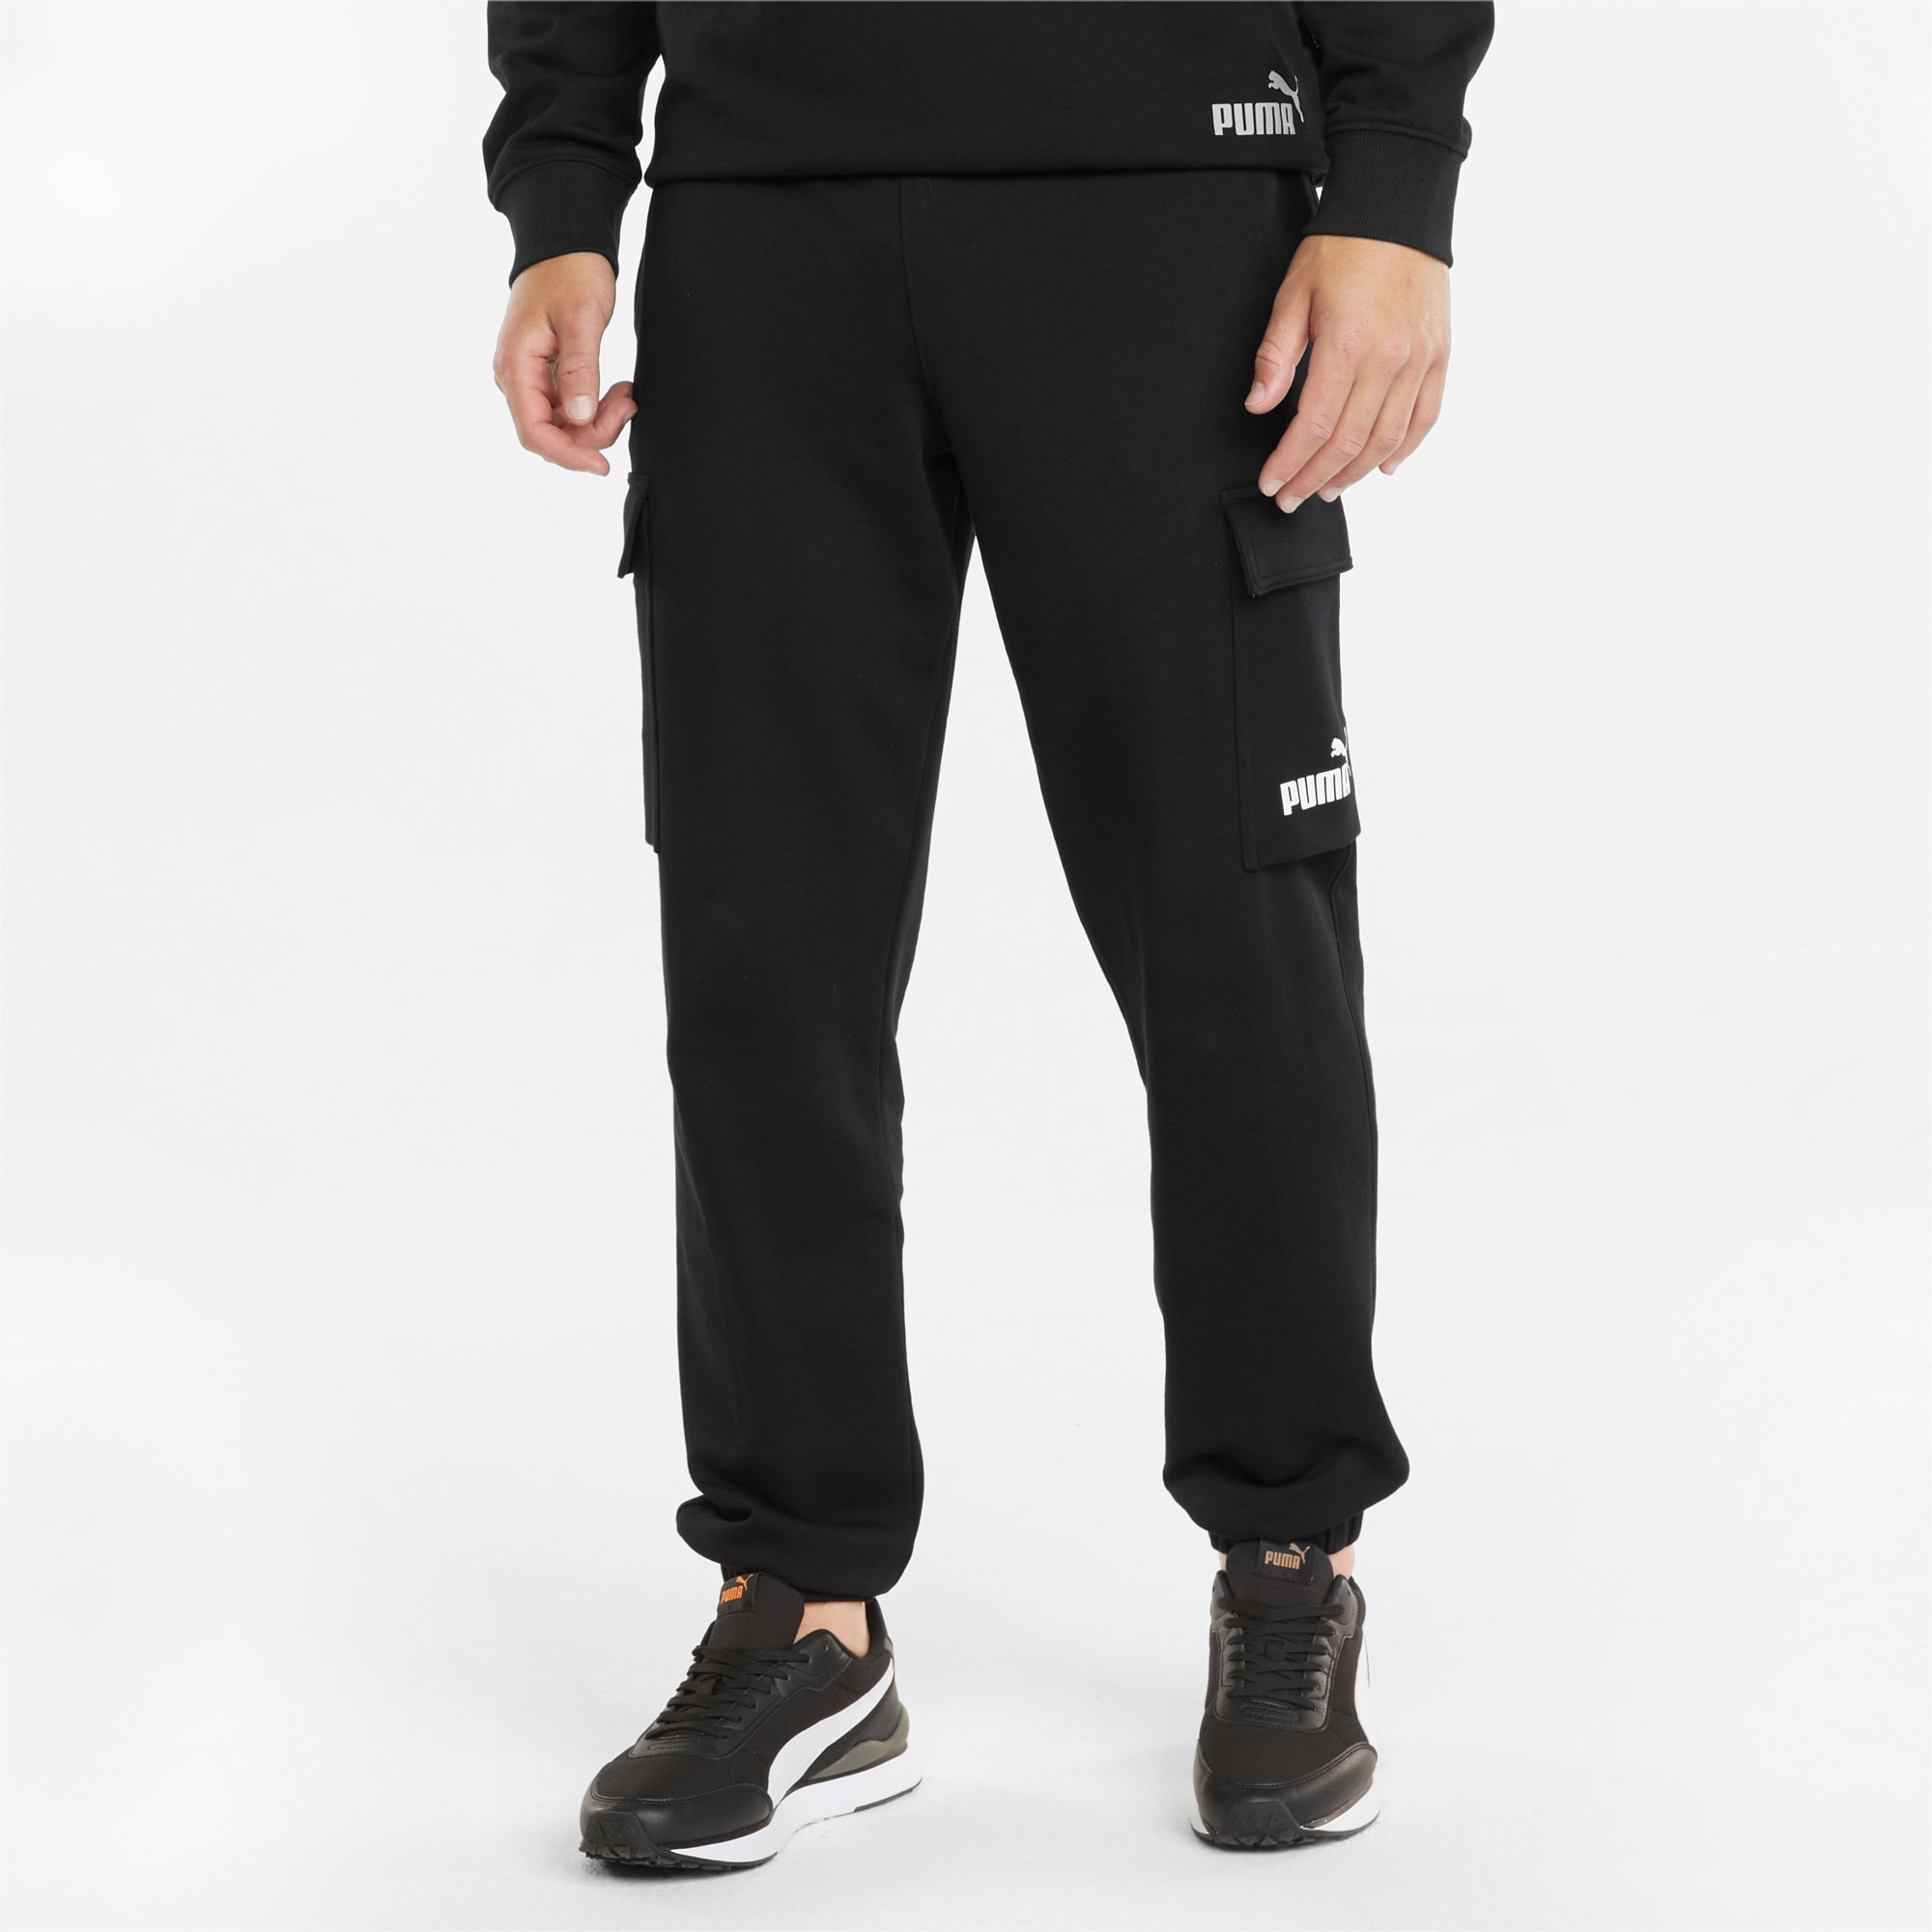 Power Men's Cargo Pants